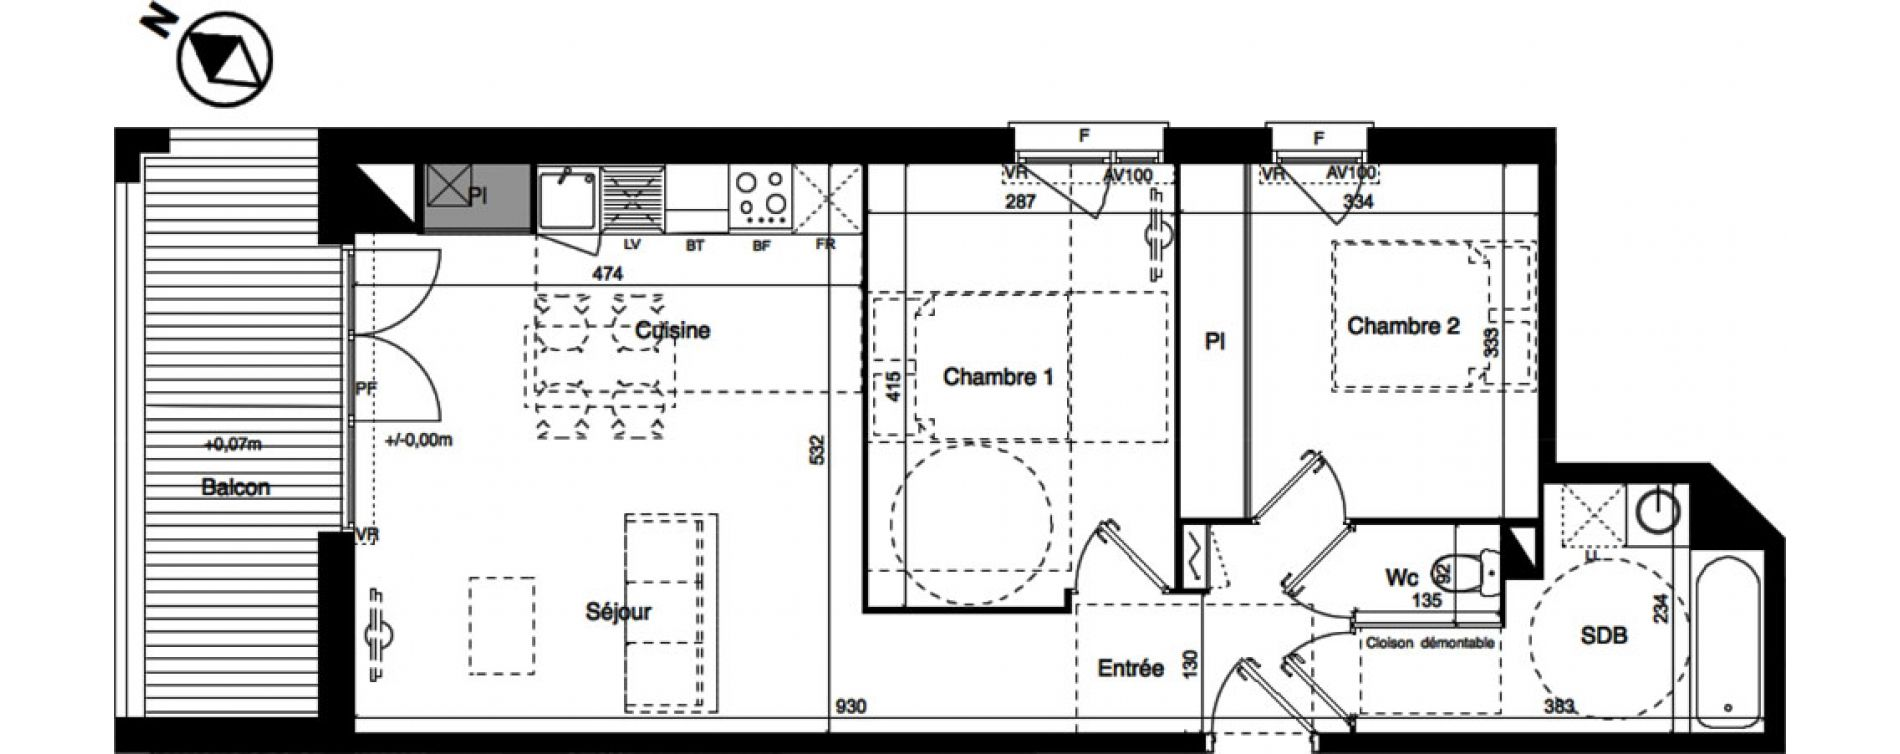 Appartement T3 de 61,76 m2 à Toulouse La roseraie